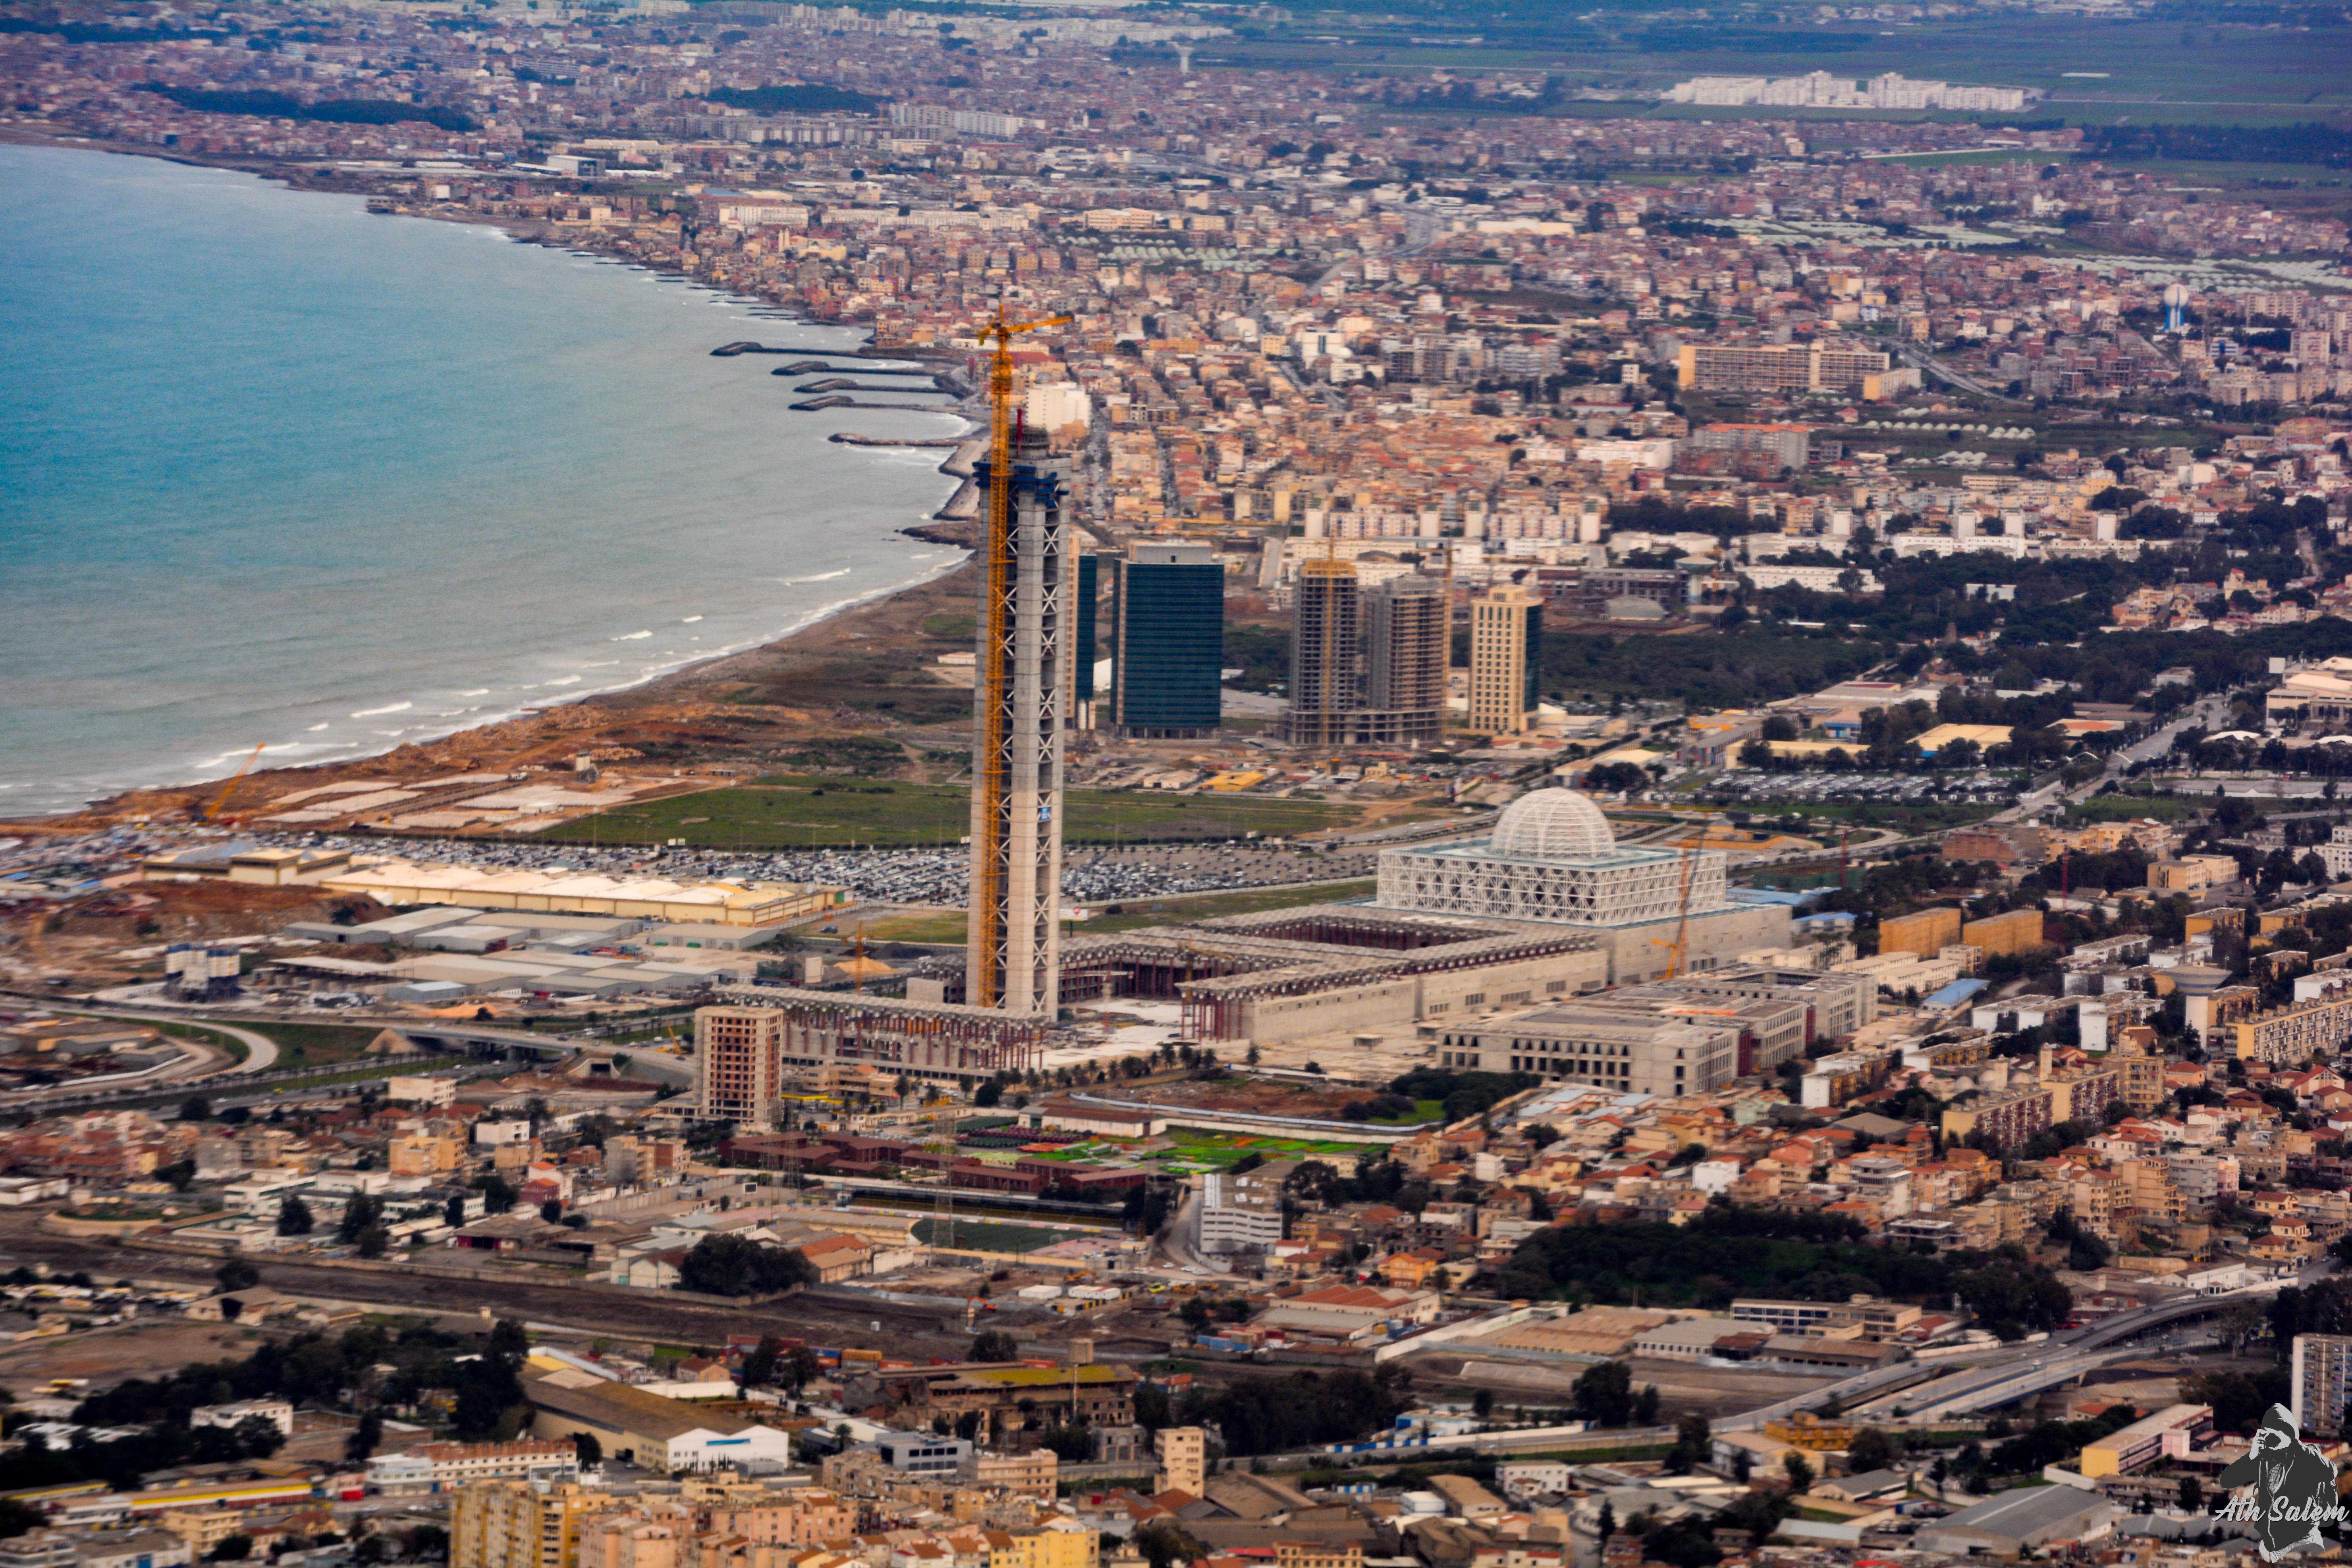 مشروع جامع الجزائر الأعظم: إعطاء إشارة إنطلاق أشغال الإنجاز - صفحة 19 33542316242_d171b9cdd5_o